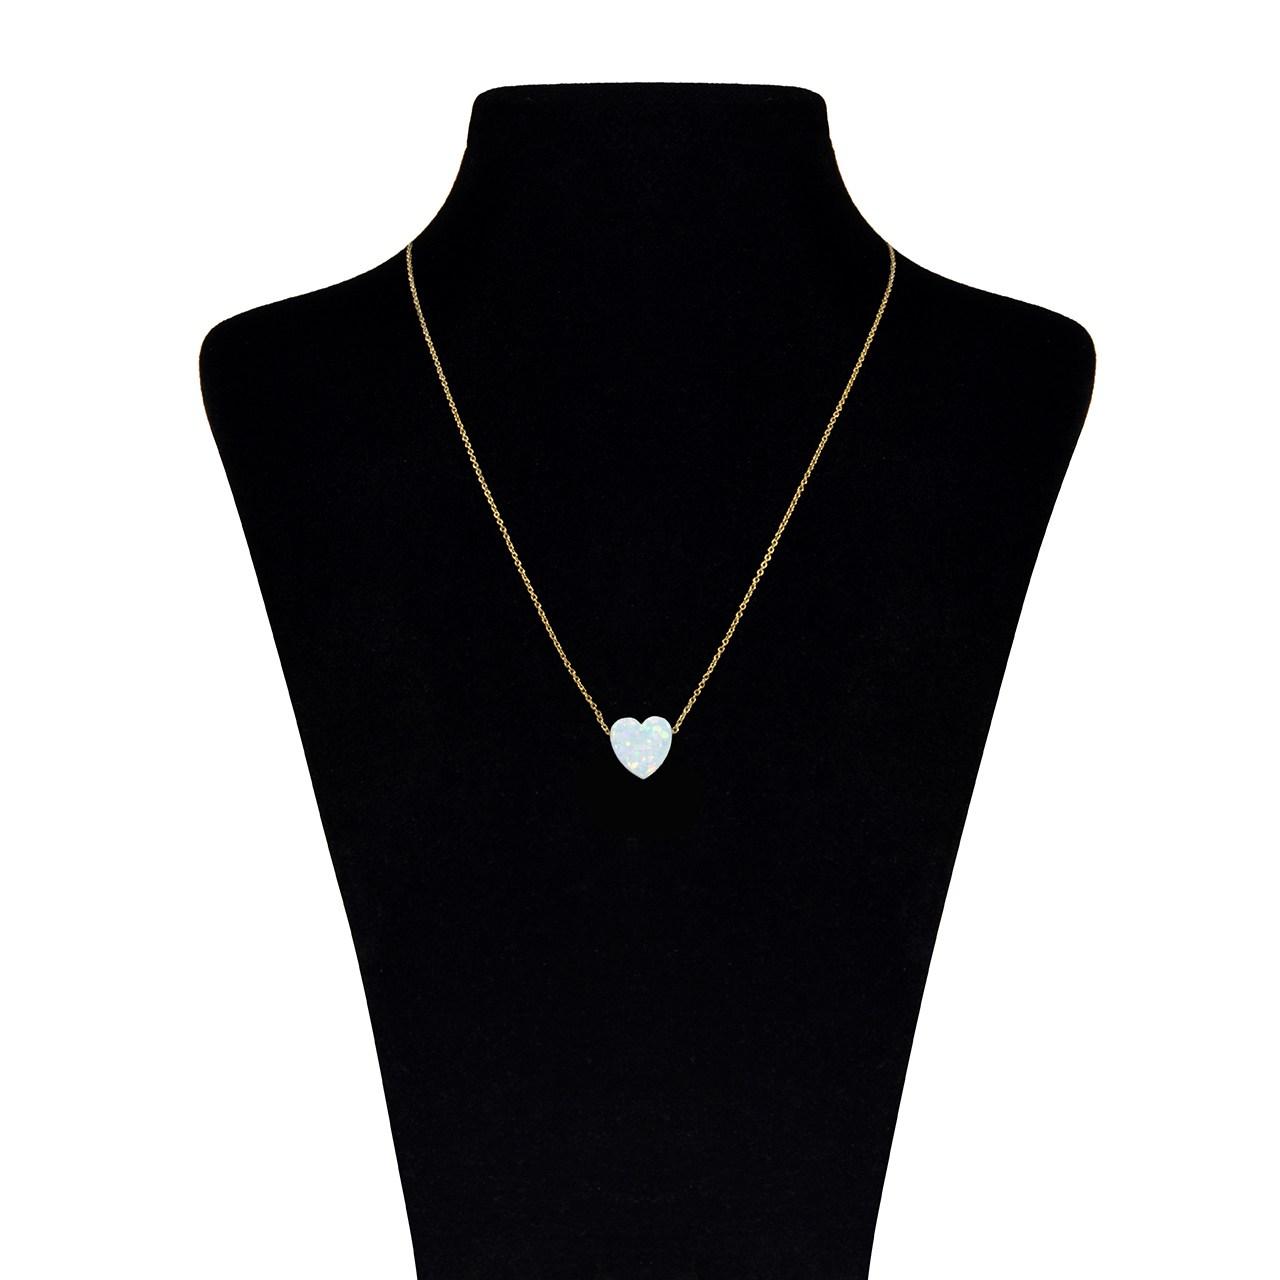 قیمت گردنبند طلا 18 عیار ماهک مدل MM0537 - مایا ماهک